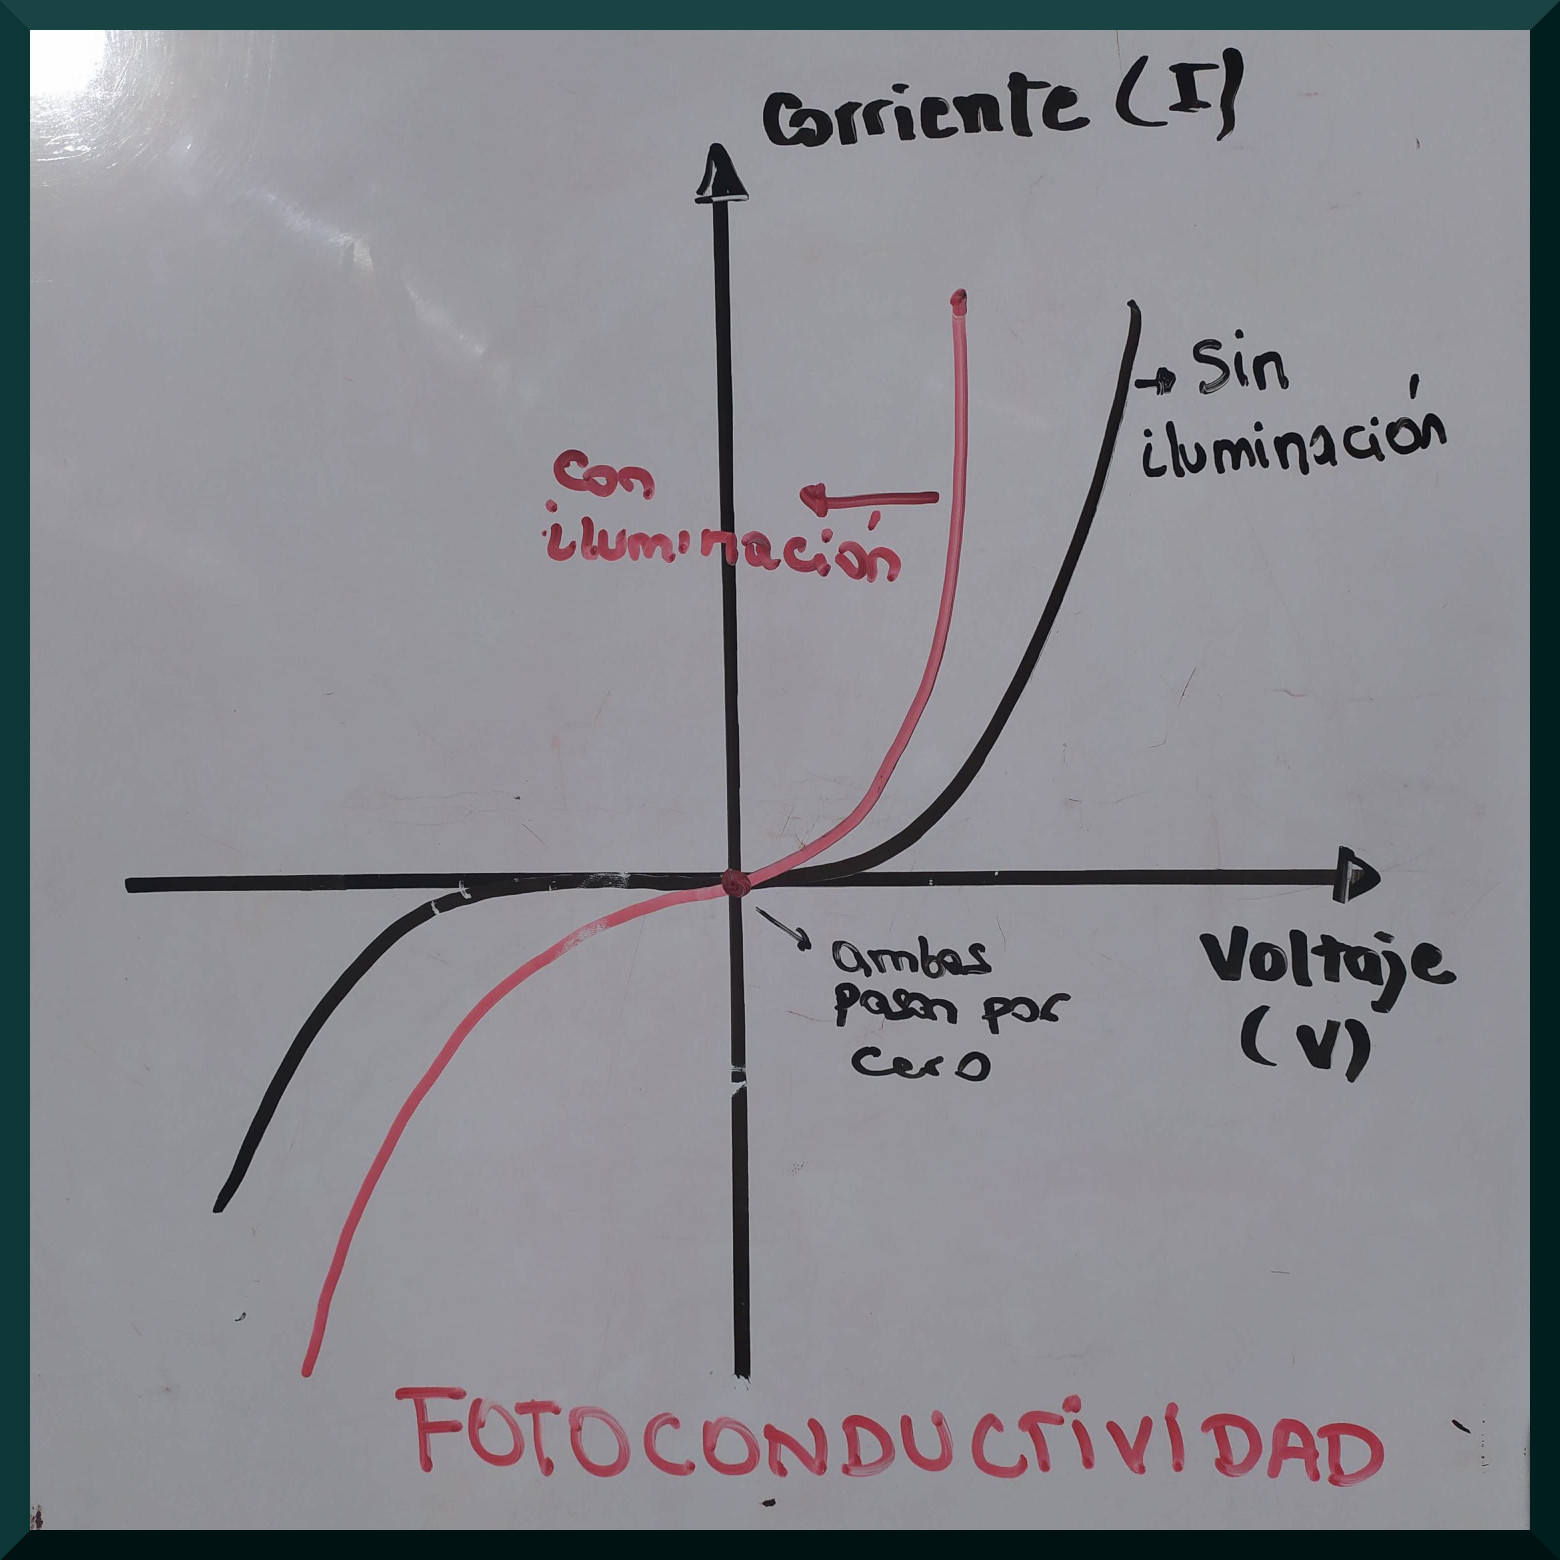 Representación del efecto de fotoconductividad en la curva corriente-voltaje.